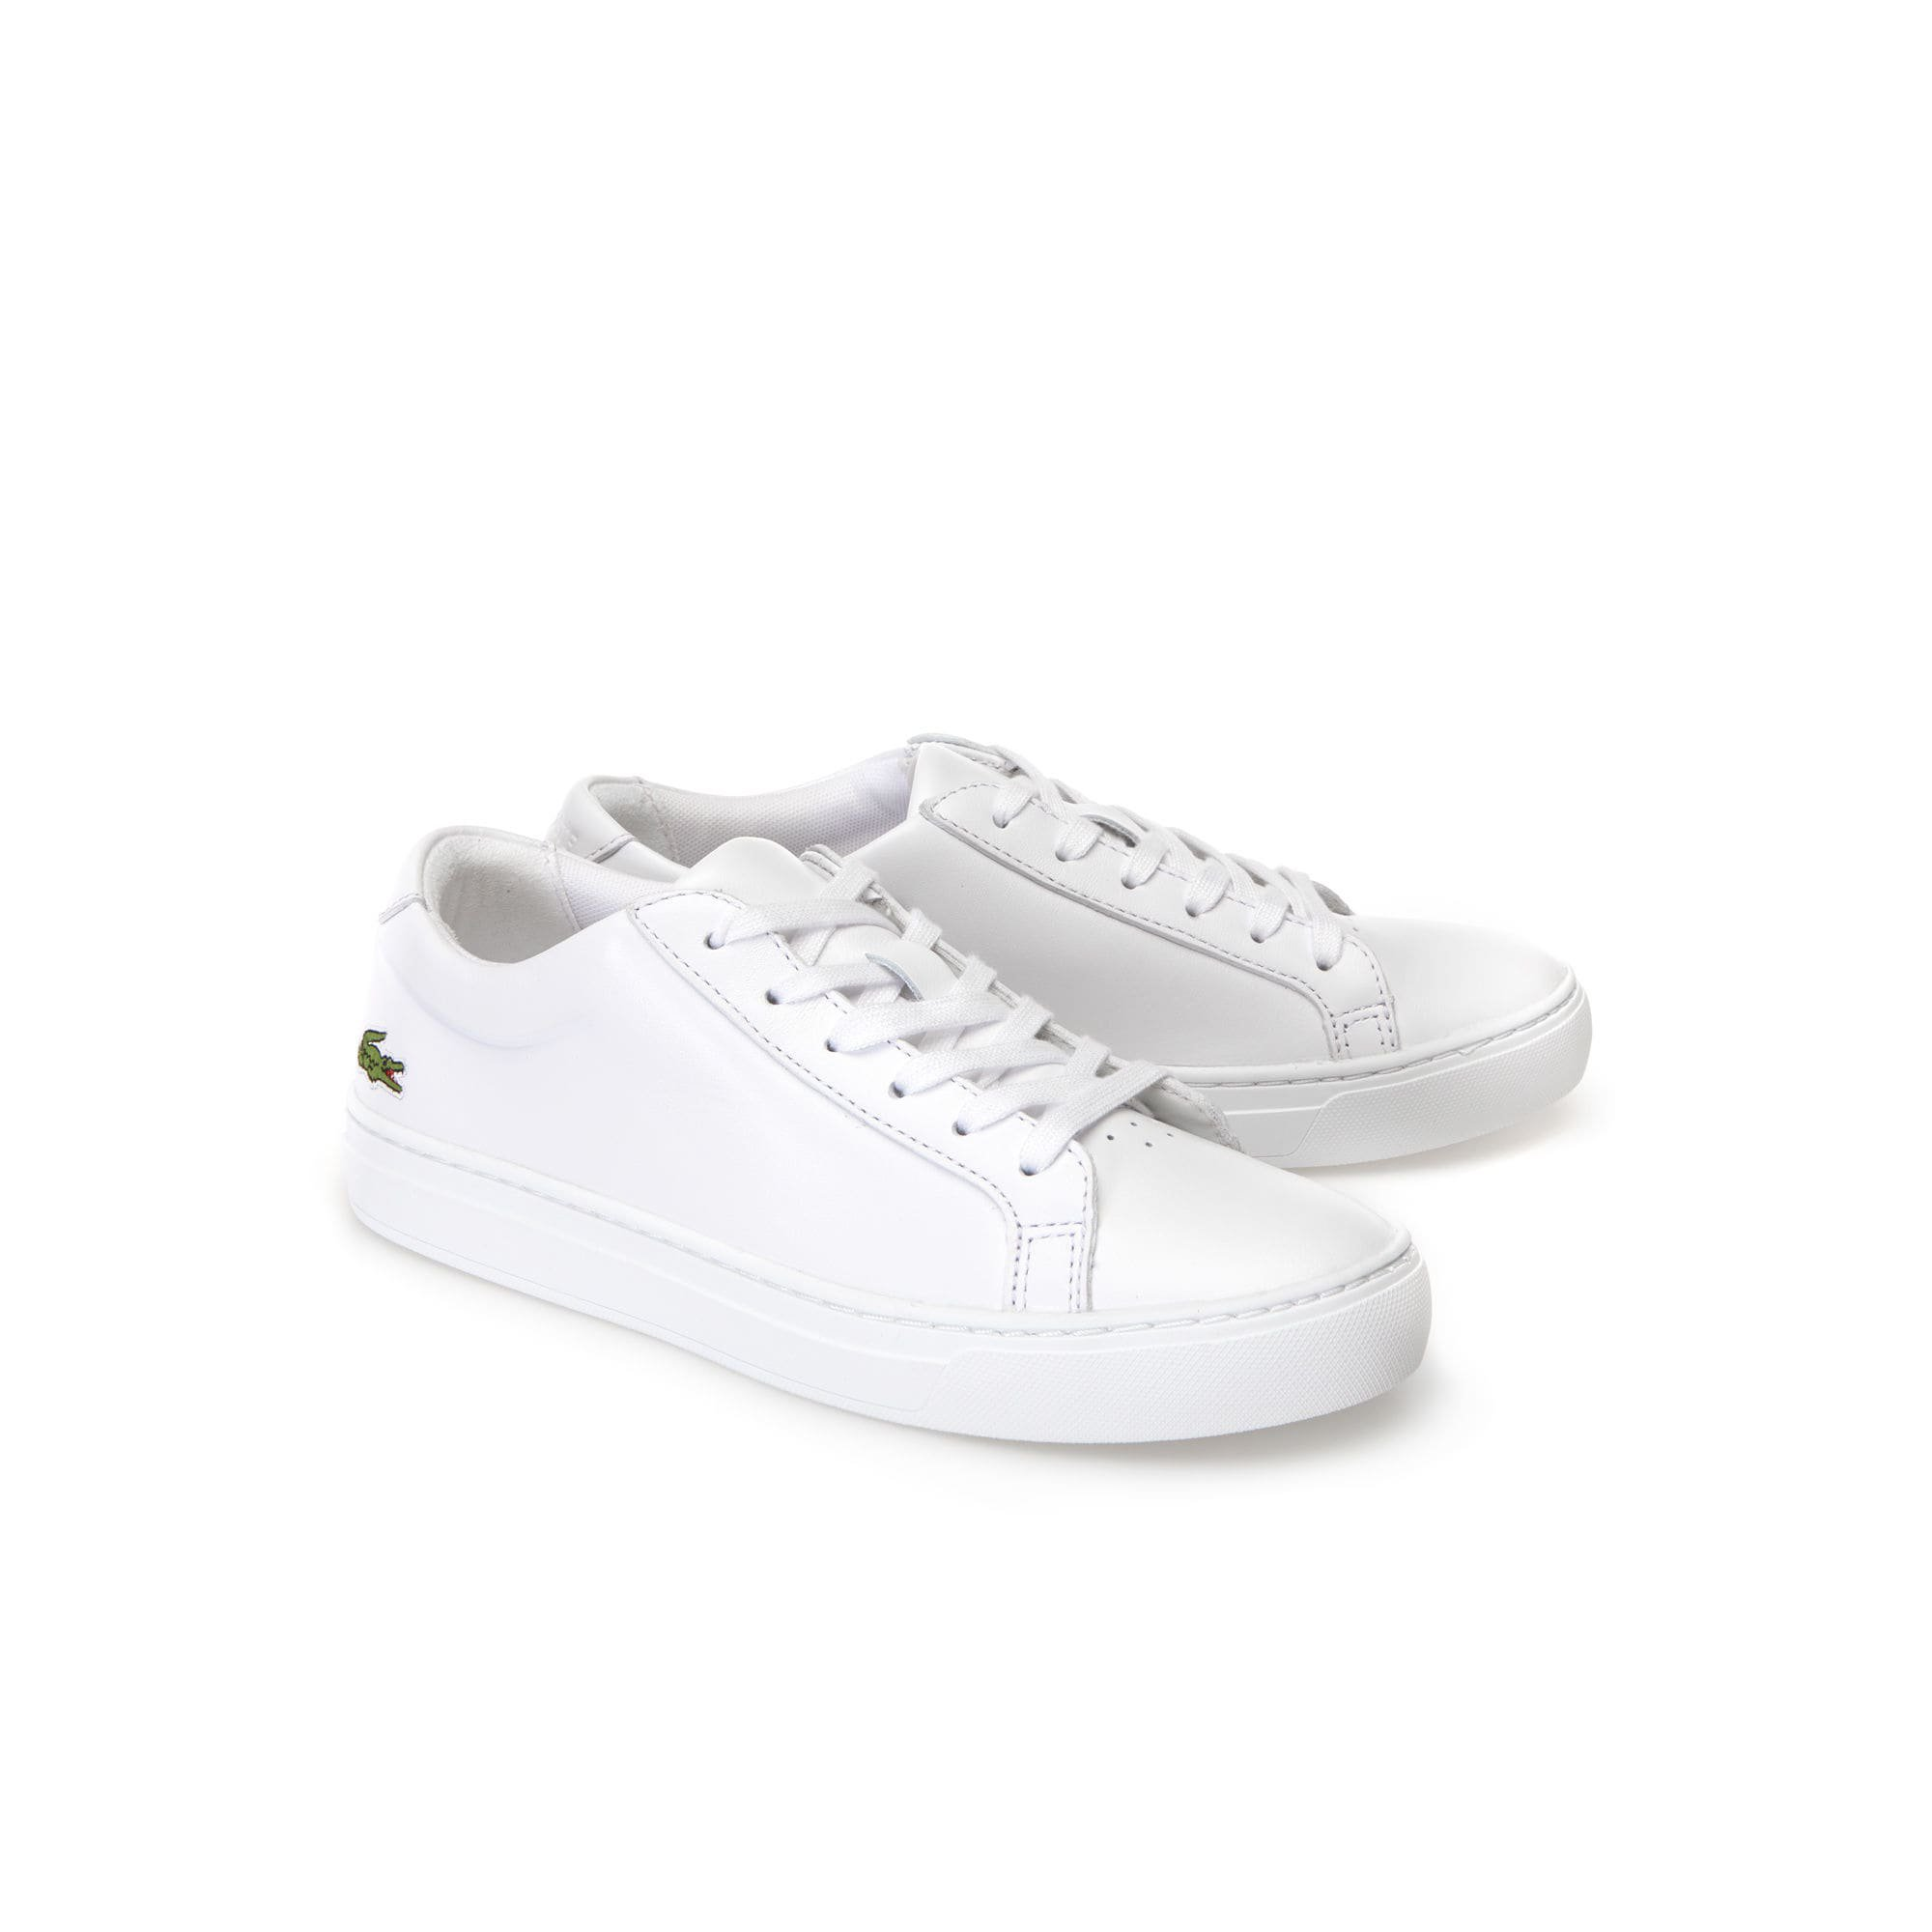 Damen-Sneakers L.12.12 aus Leder | LACOSTE